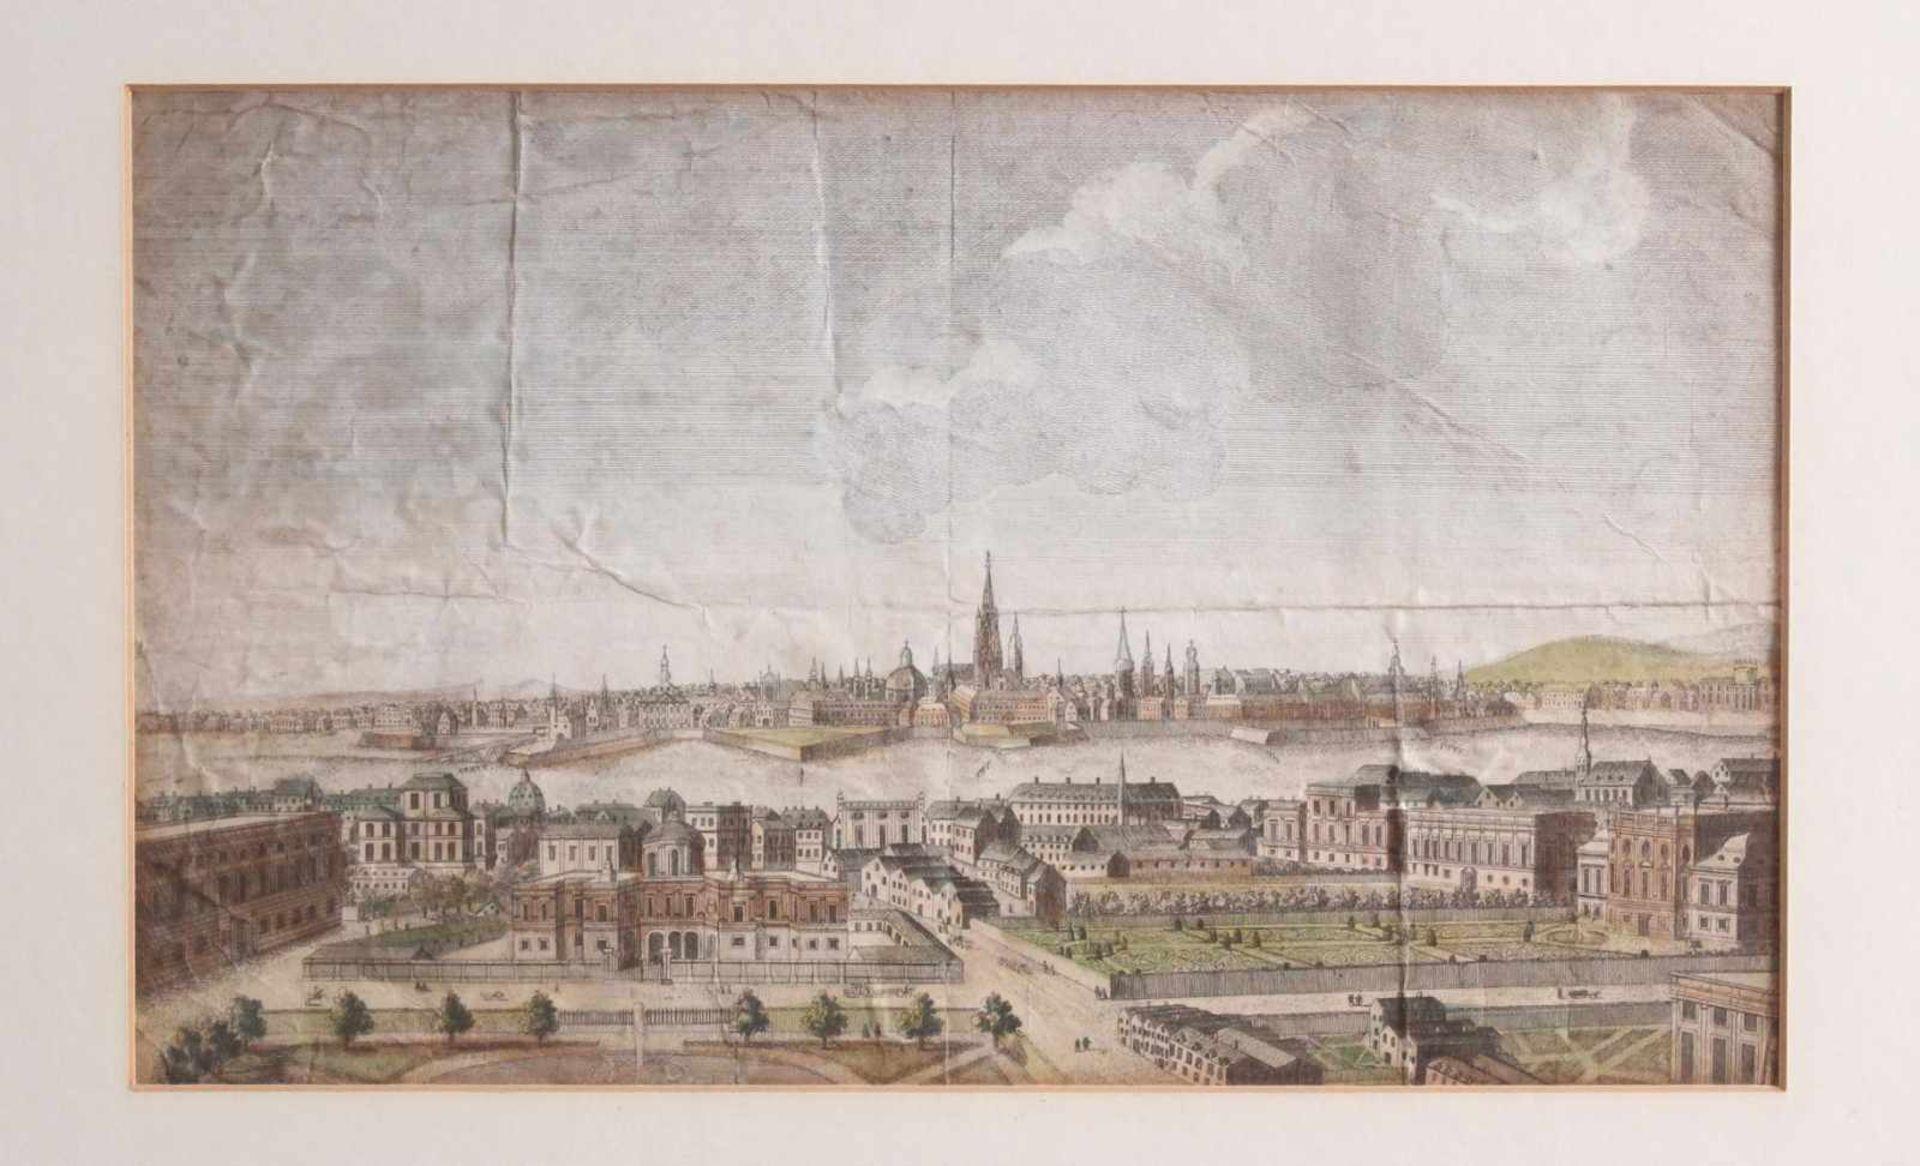 Kupferstich aus dem 18. Jahrhundert, A general view of the City of Vienna, anonymer - Bild 2 aus 4